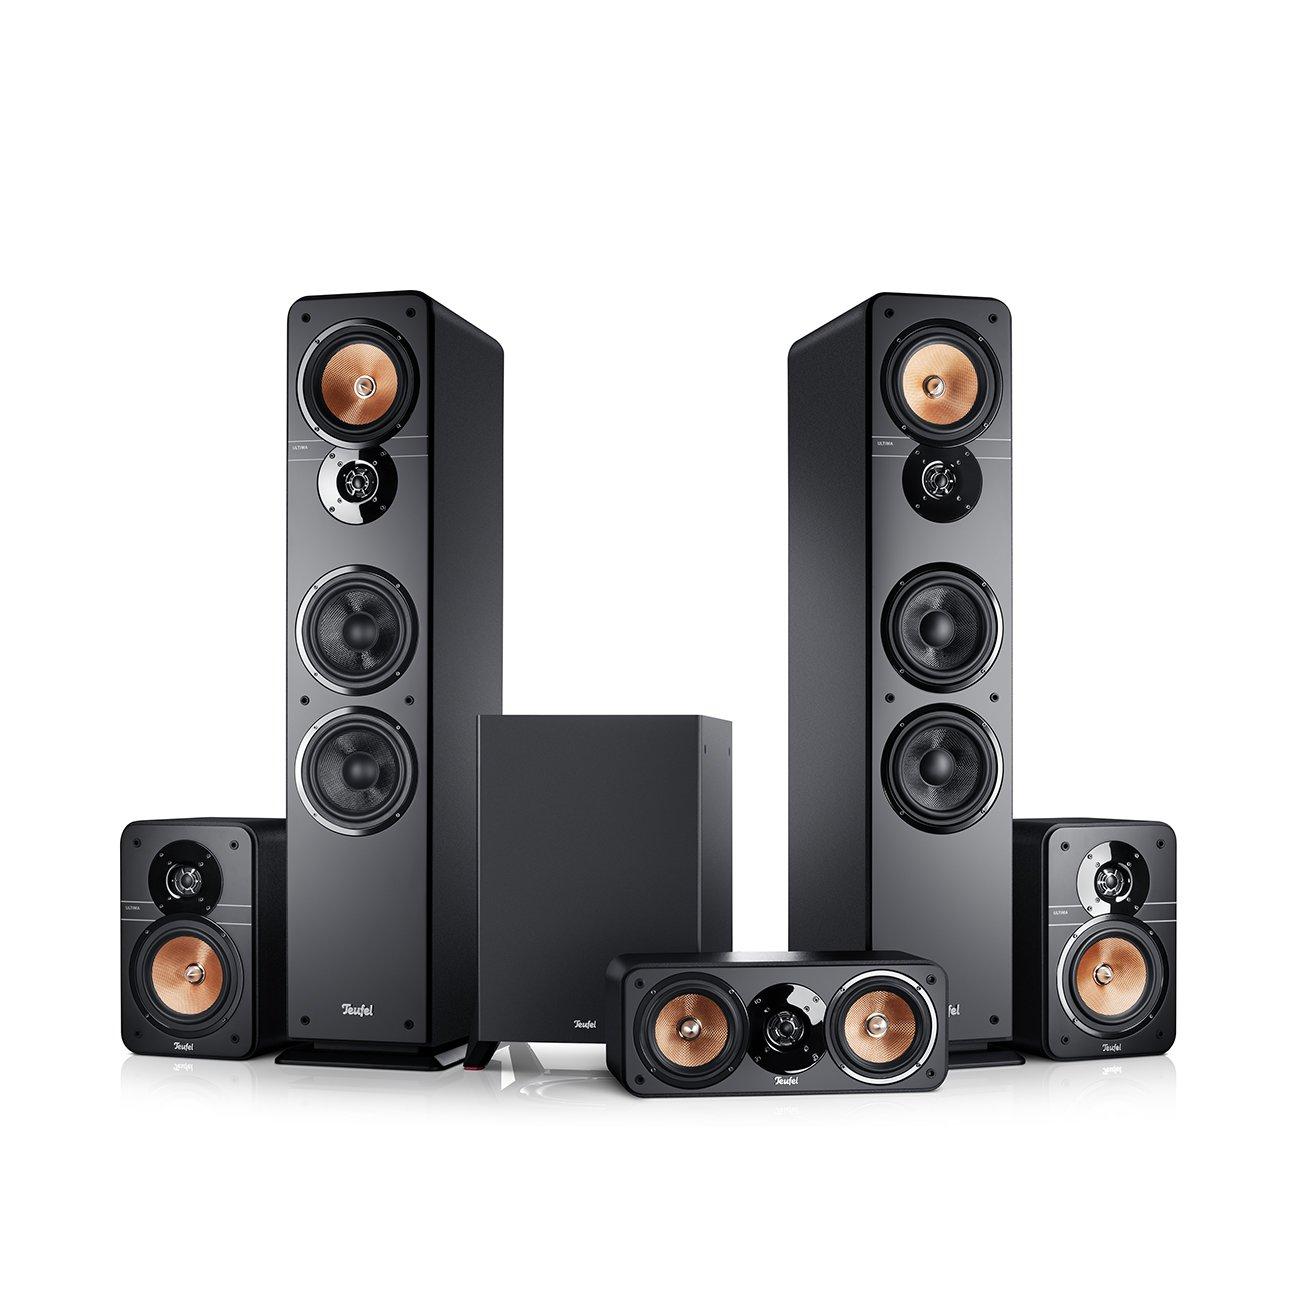 Mooie prijzen bij Teufel voor goede kwaliteit speakers